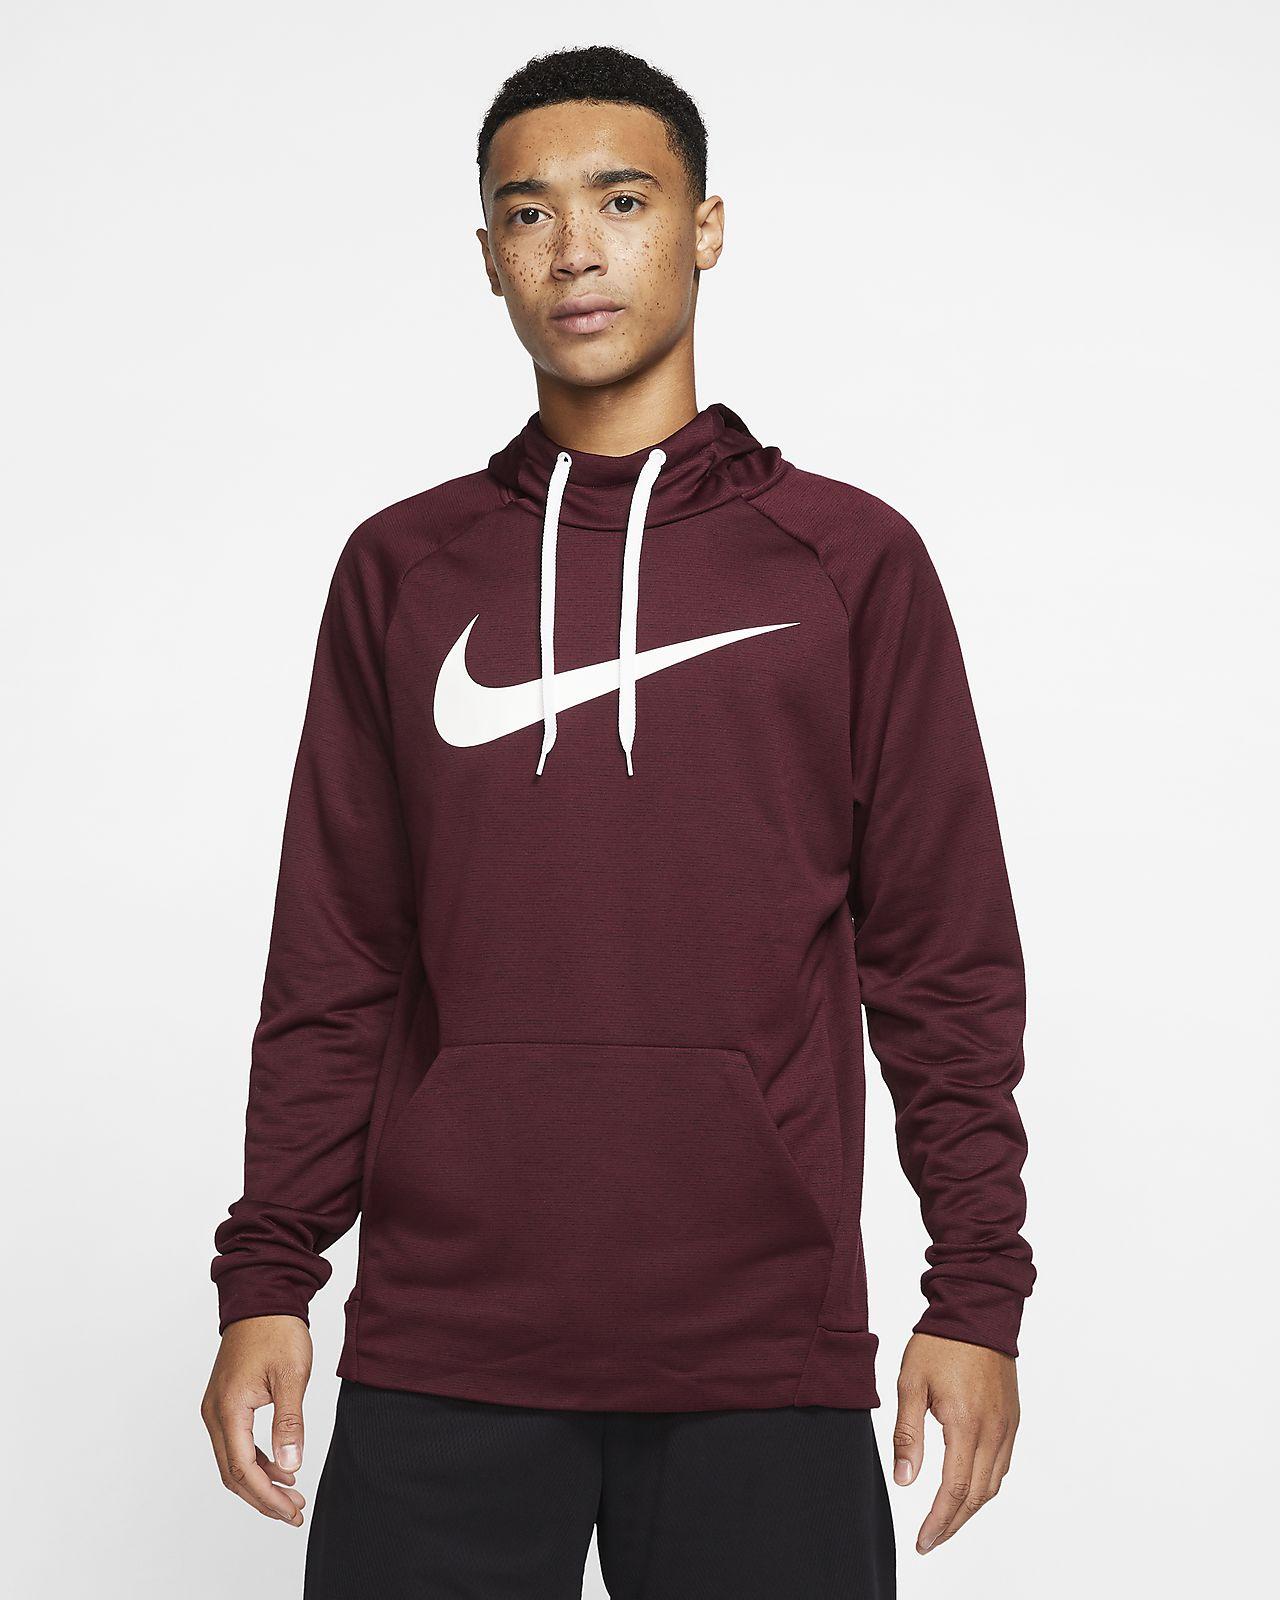 Nike Dri FIT Trainings Hoodie für Herren